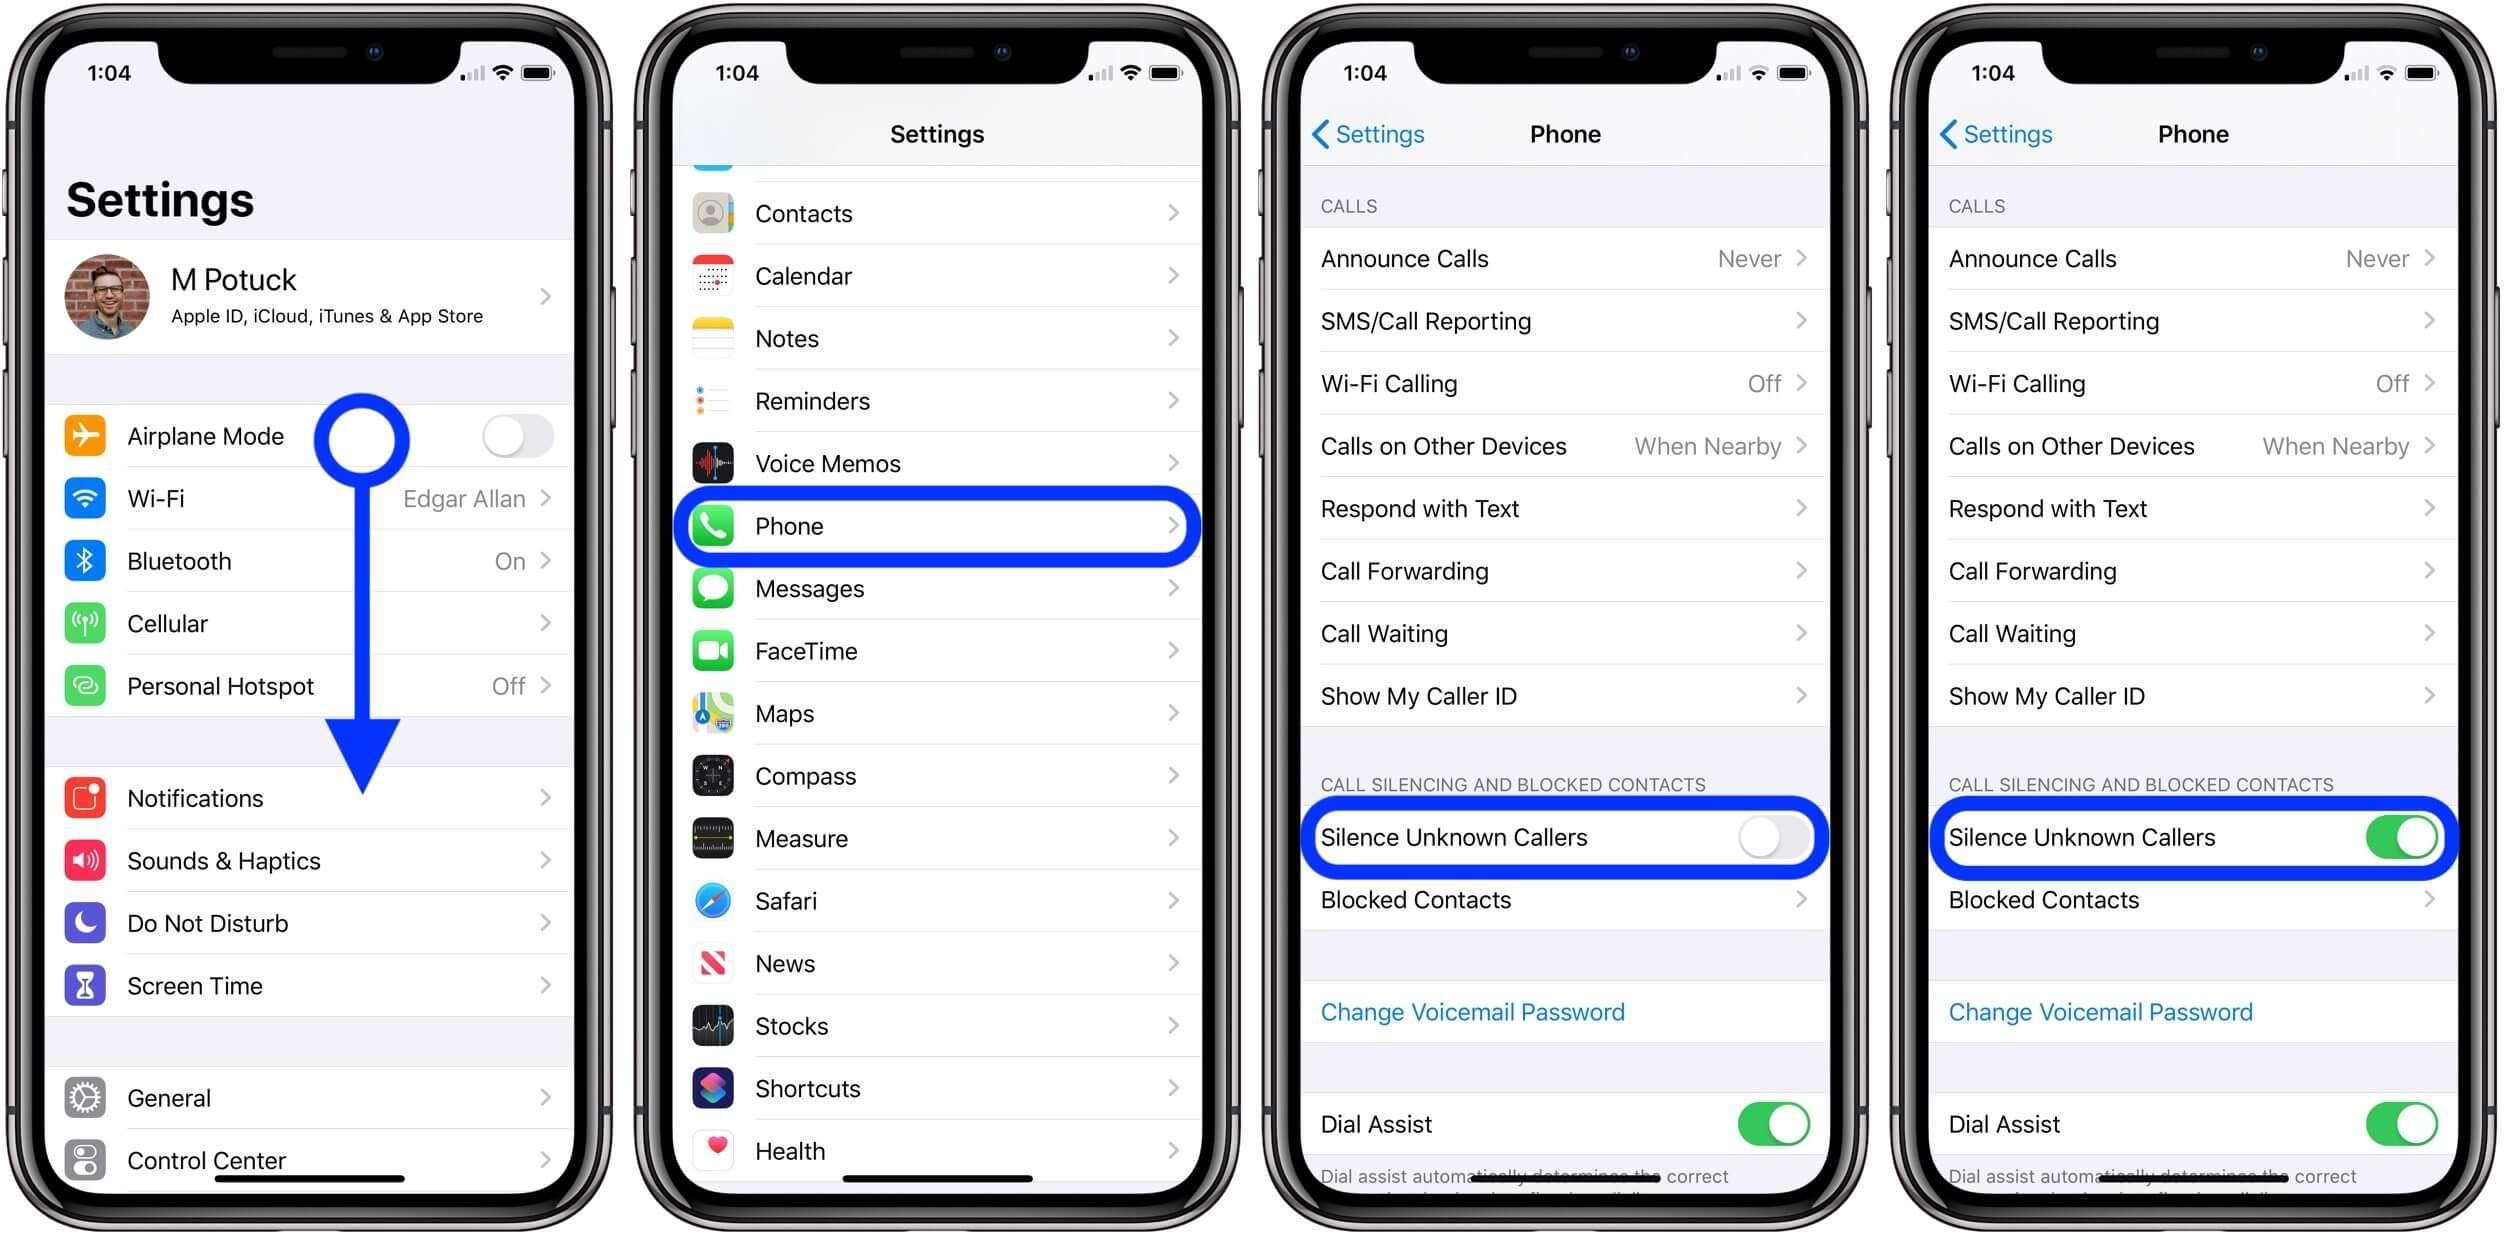 как отключить звук неизвестных и спам-вызовов iPhone iOS 13